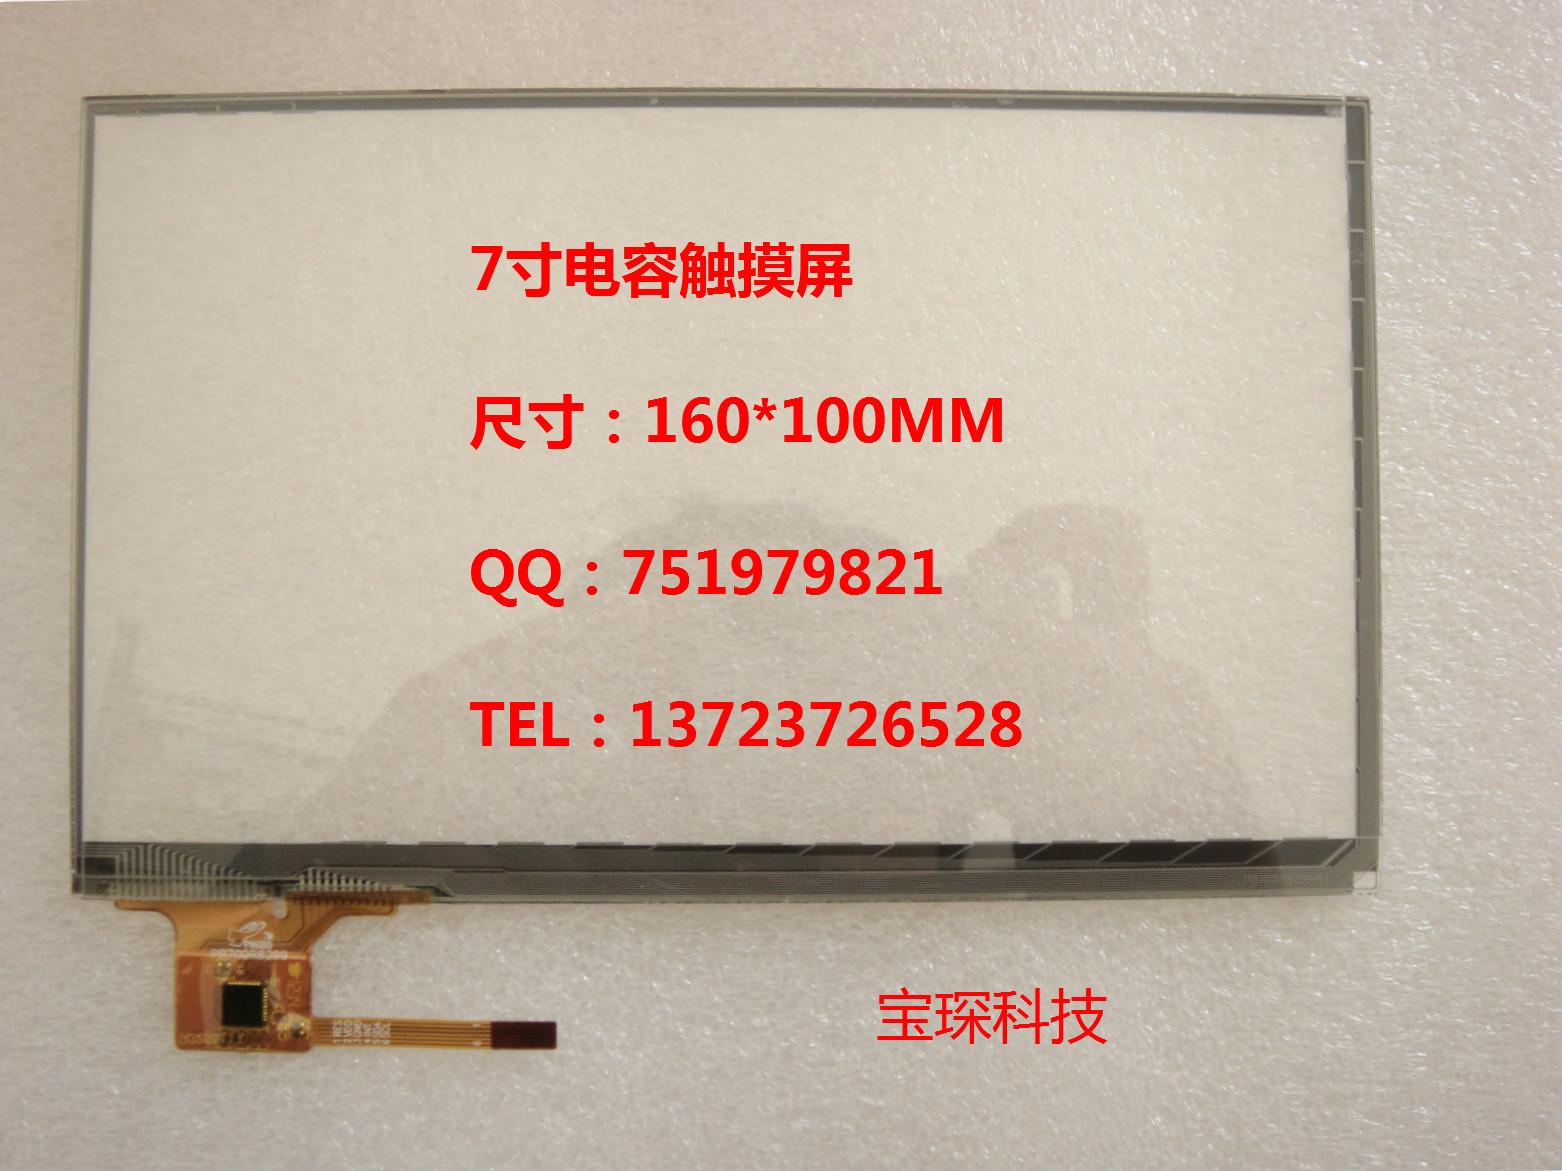 Панель для планшета 7 pb70dr8299 панель для планшета 7 a11020700067 v08 pipo s1